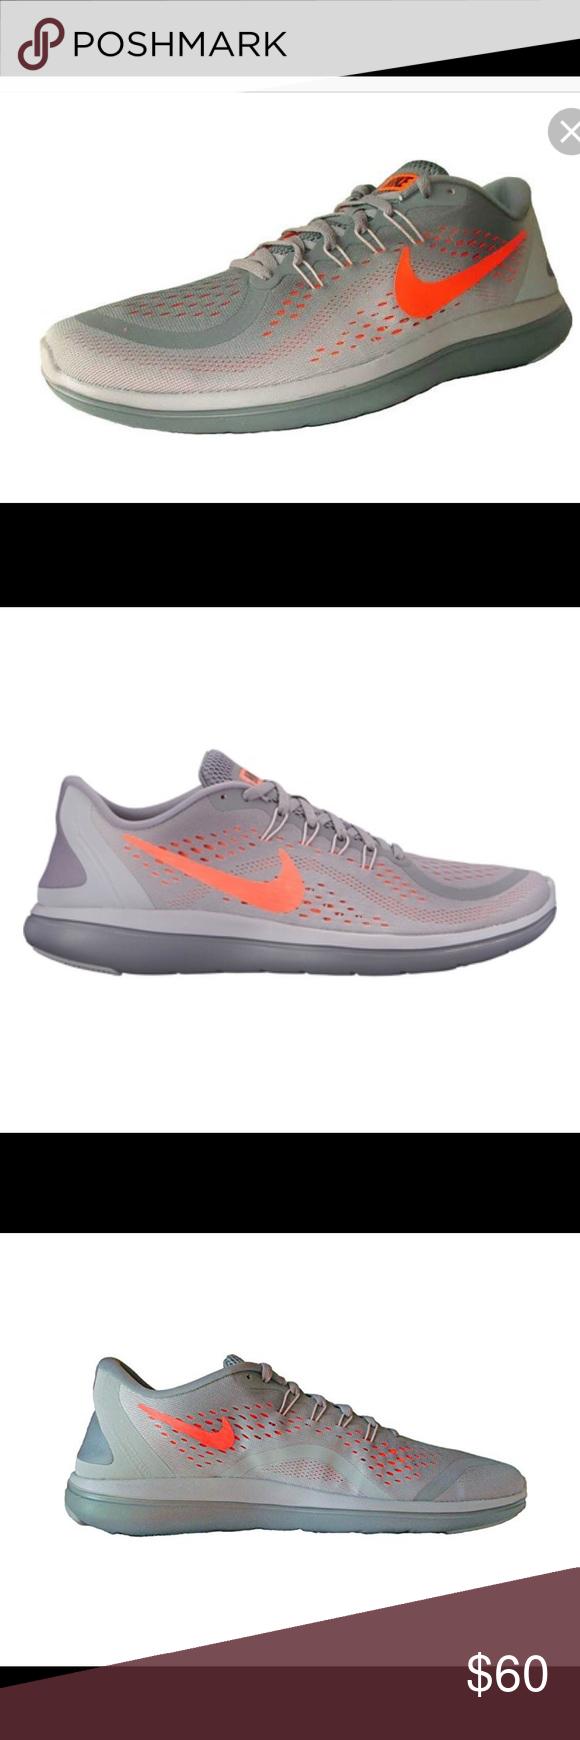 38d00a094a57 Nike Men s Flex RN 2017 Running Shoes 11.5 Lightweight and flexible ...